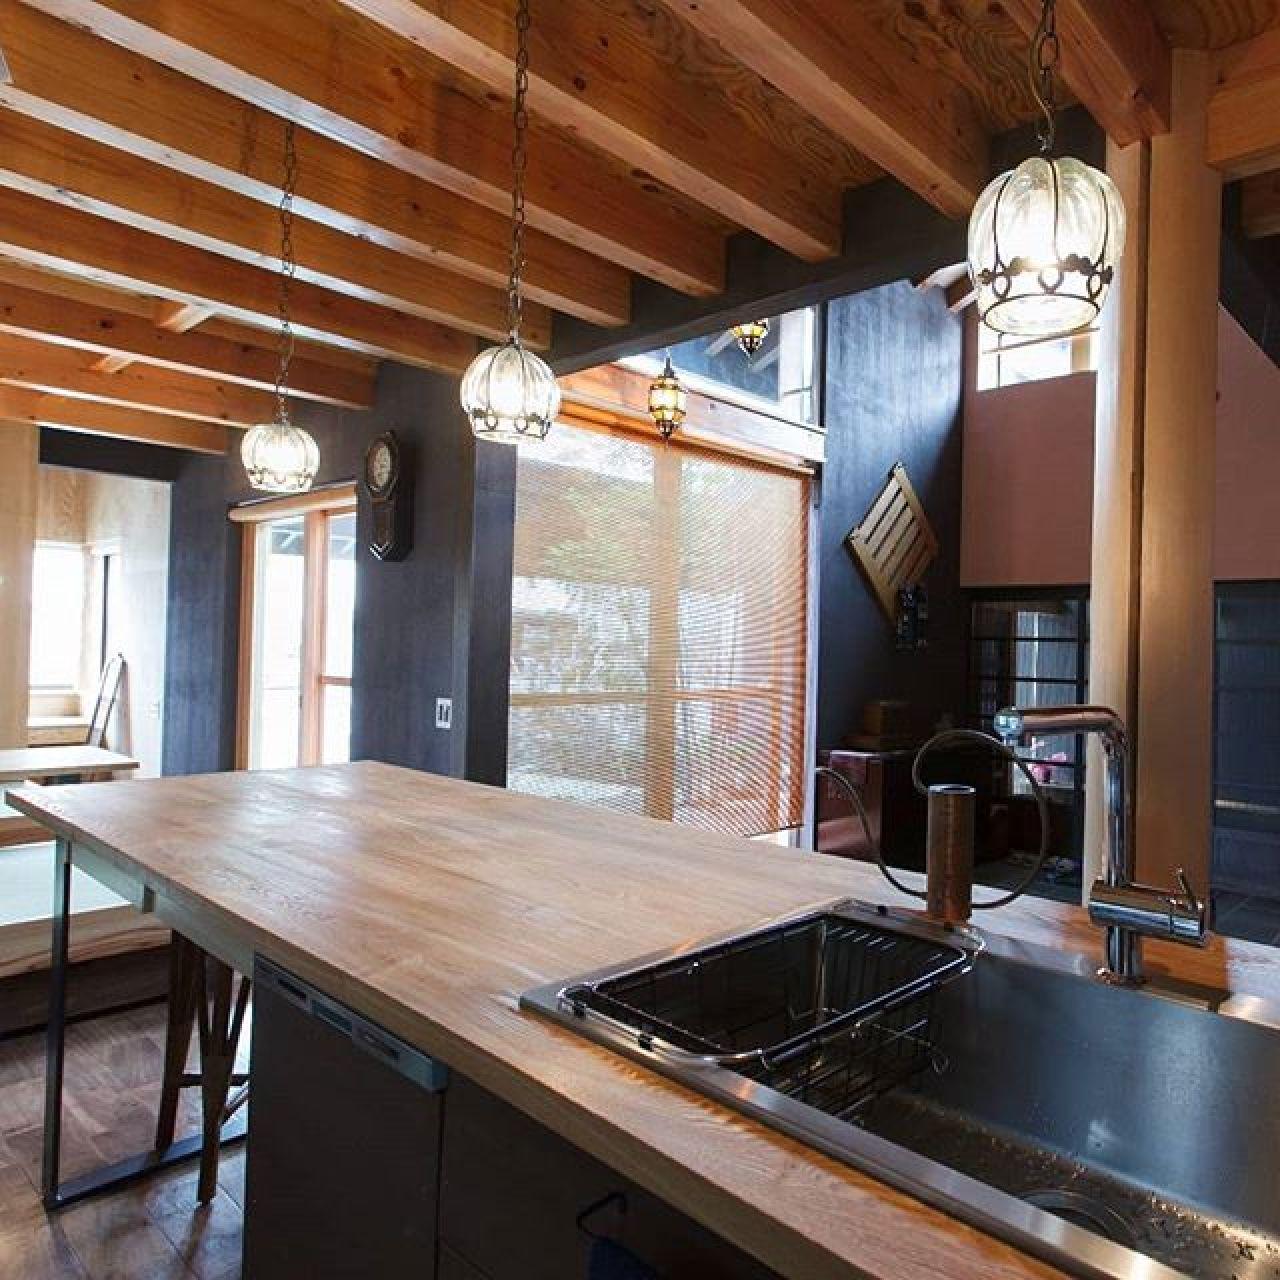 造作キッチン。メーカーのキッチンにはない、オリジナルの使い勝手。簡易ダイニングテーブル、広い作業場としても使えます。#オリジナルキッチン#造作キッチン#造り付け家具#自然素材#注文住宅#キッチン#LDK#吹き抜けリビング #シンボル #大黒柱